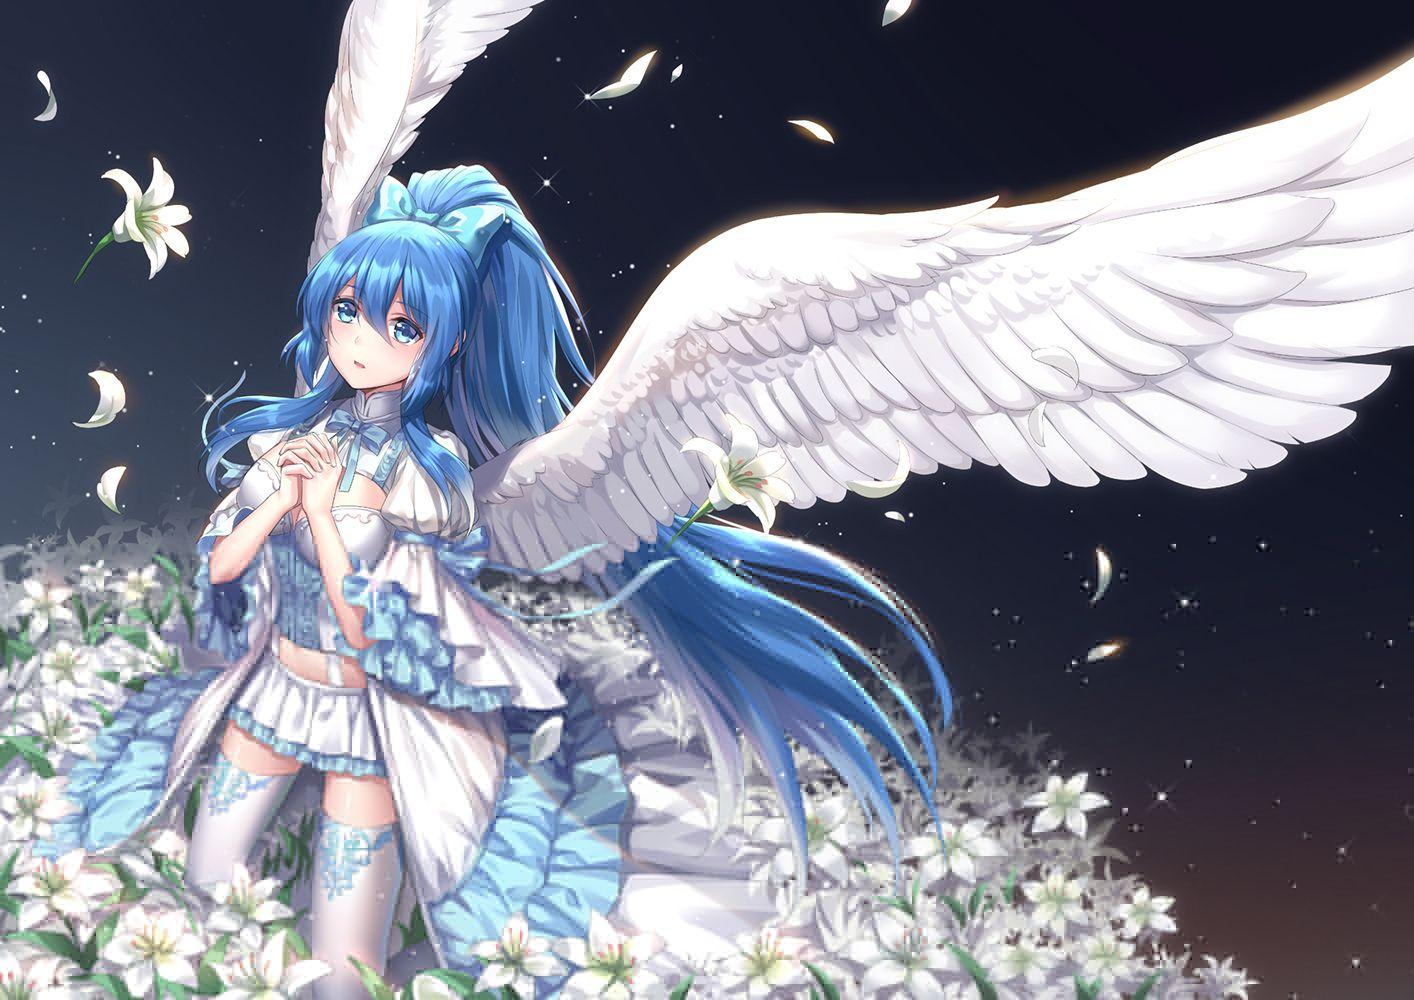 Ảnh anime thiên thần đẹp và đáng yêu nhât